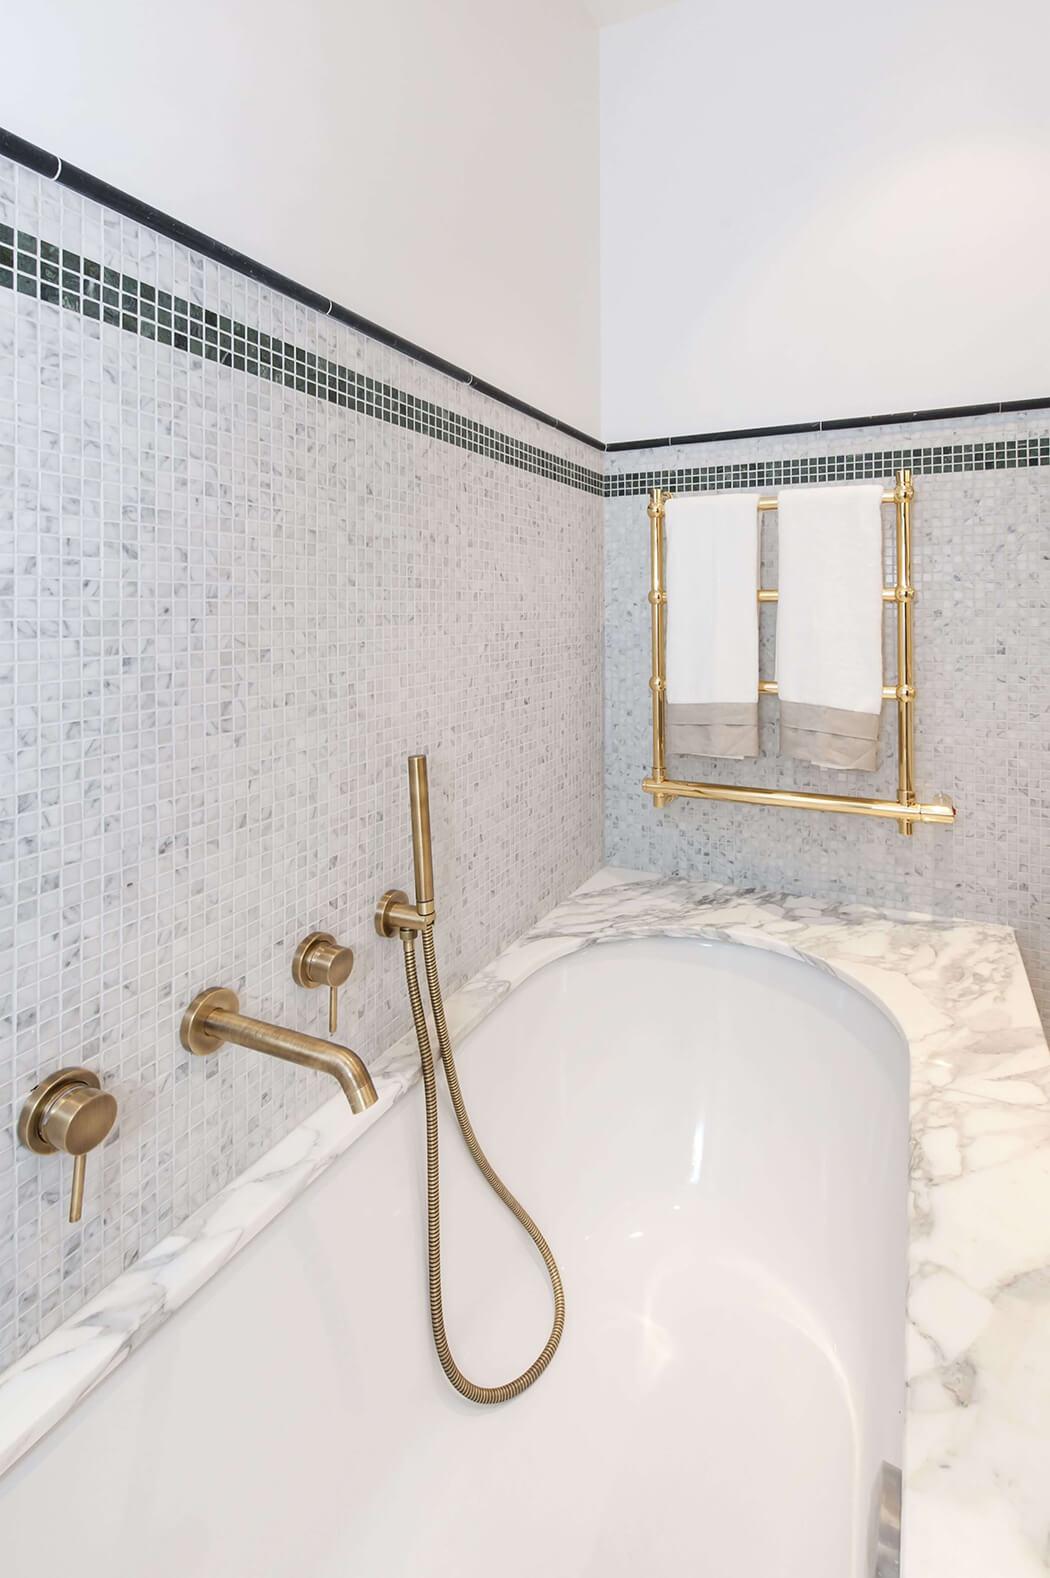 admirez les détails de la mosaïque qui habille le pourtour de cette baignoire en marbre